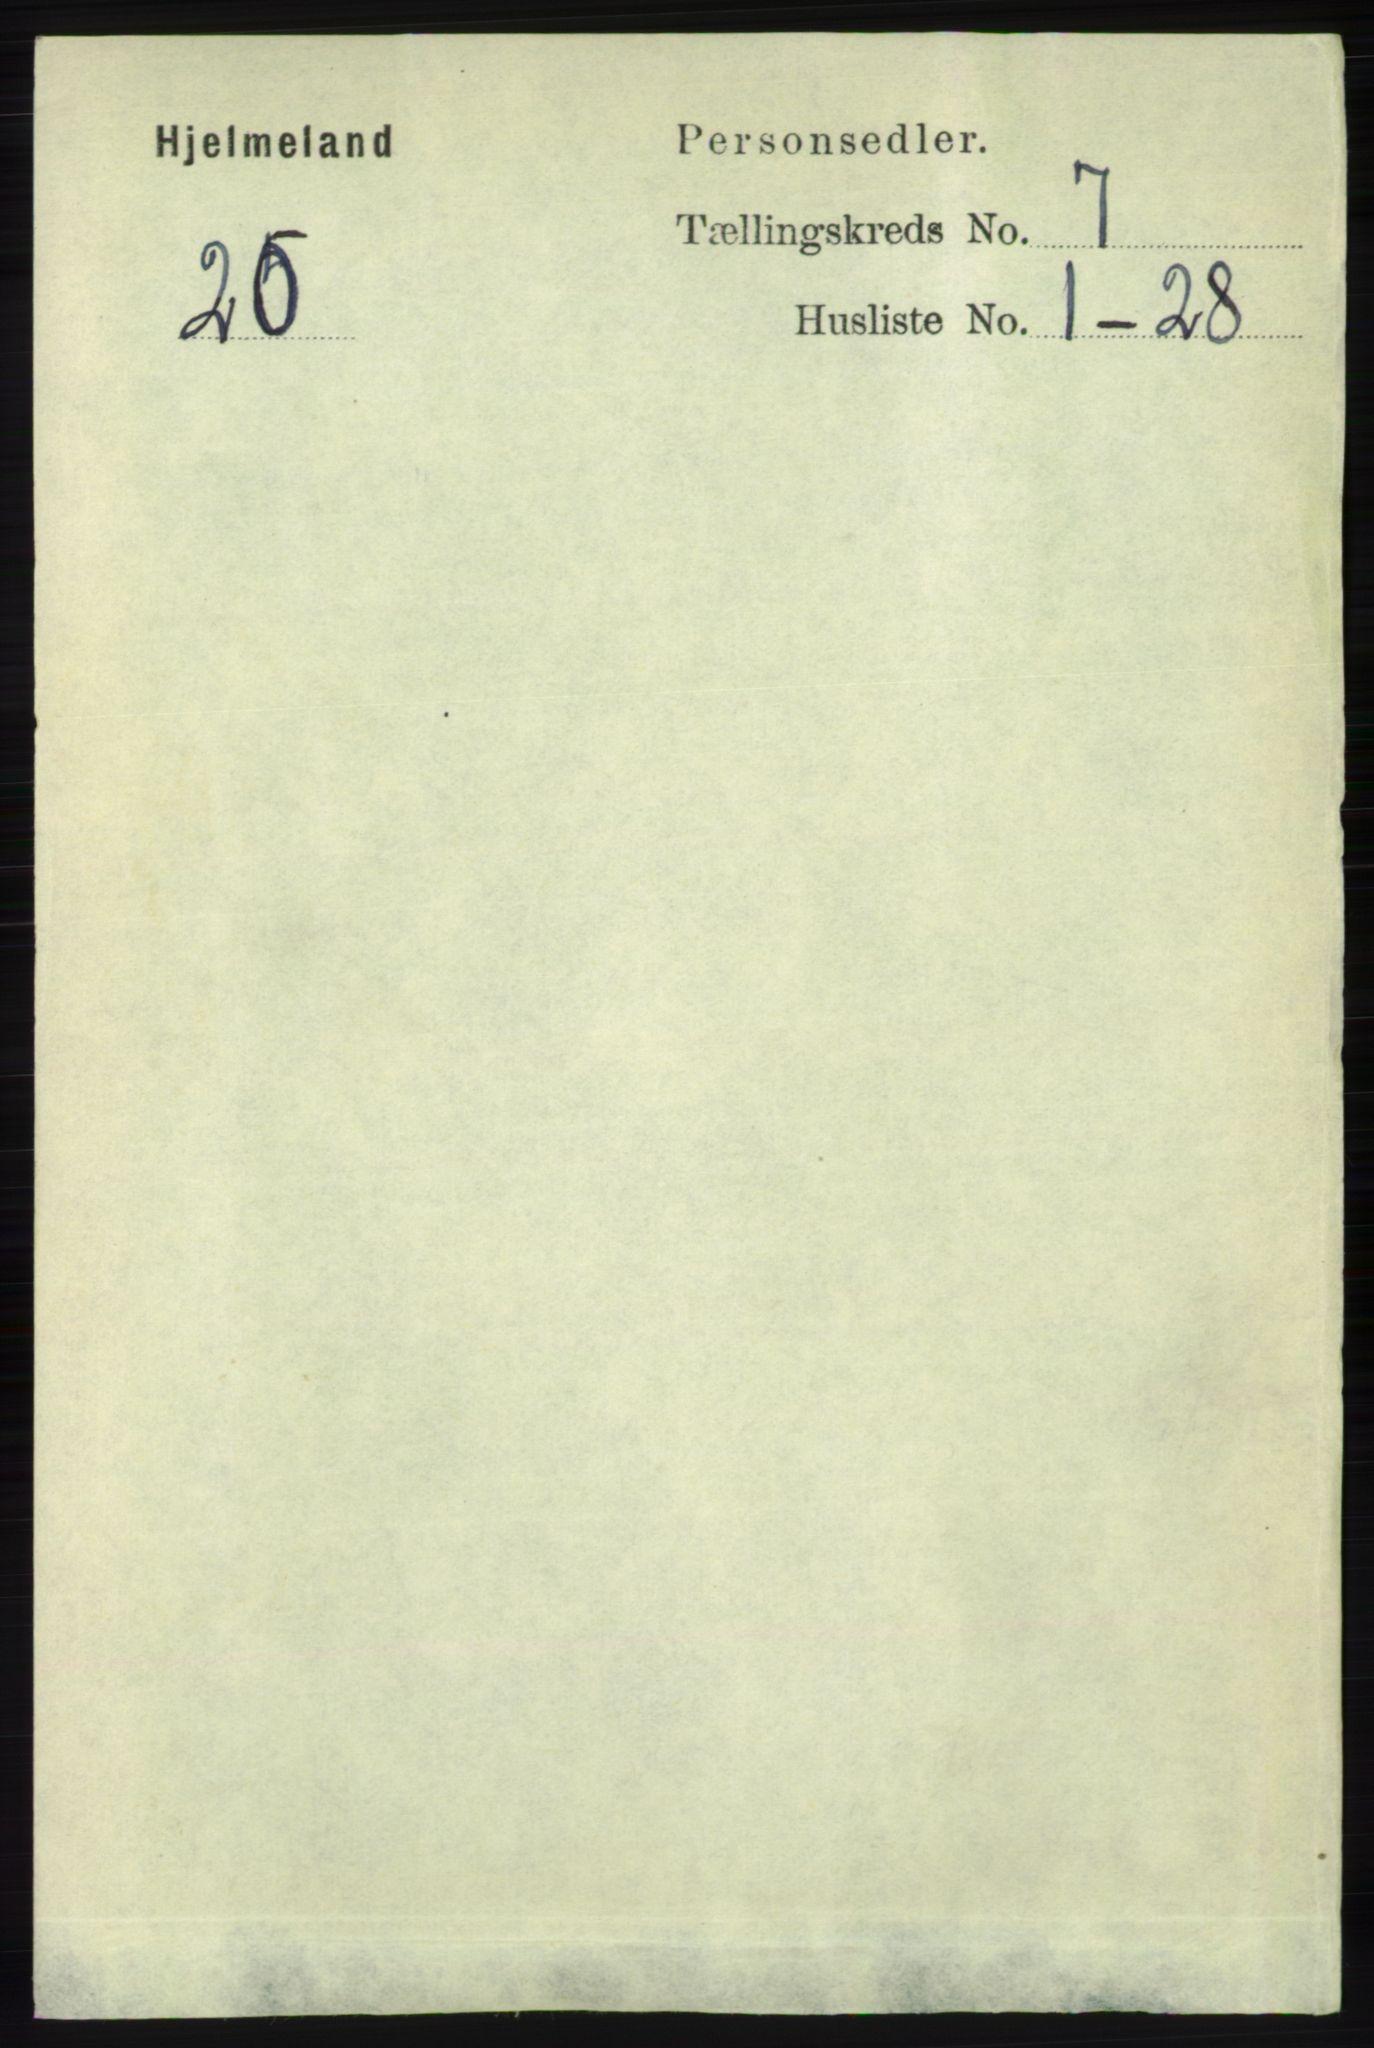 RA, Folketelling 1891 for 1133 Hjelmeland herred, 1891, s. 1948